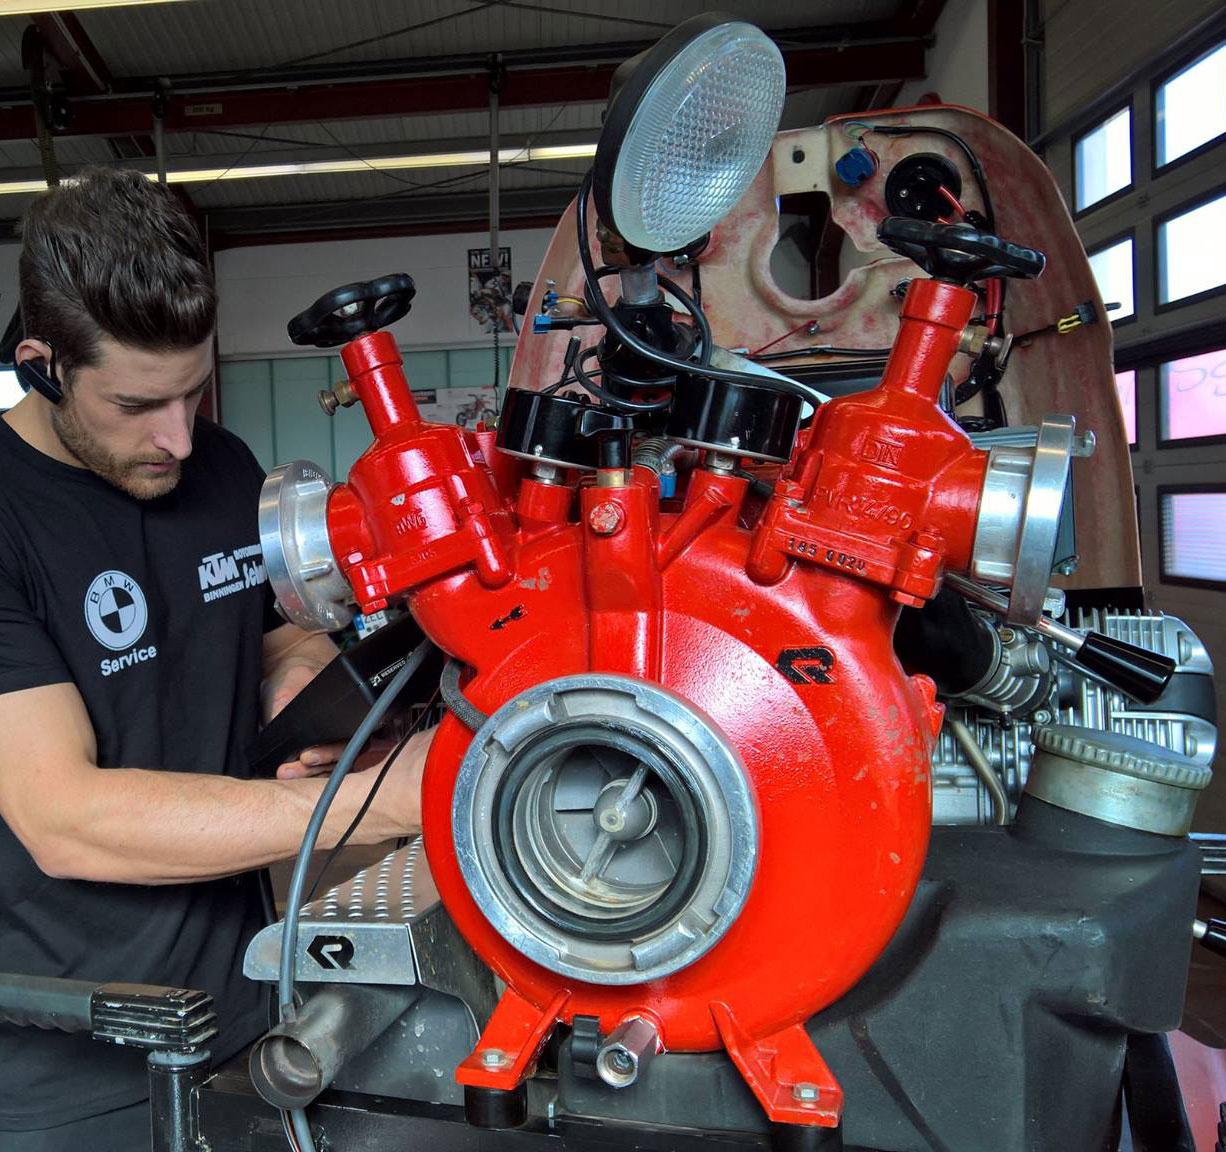 KTM Vertragshändler Motorradsport Schmitt - Wartung & Instandsetzung Magirus und BMW Feuerwehrpumpen